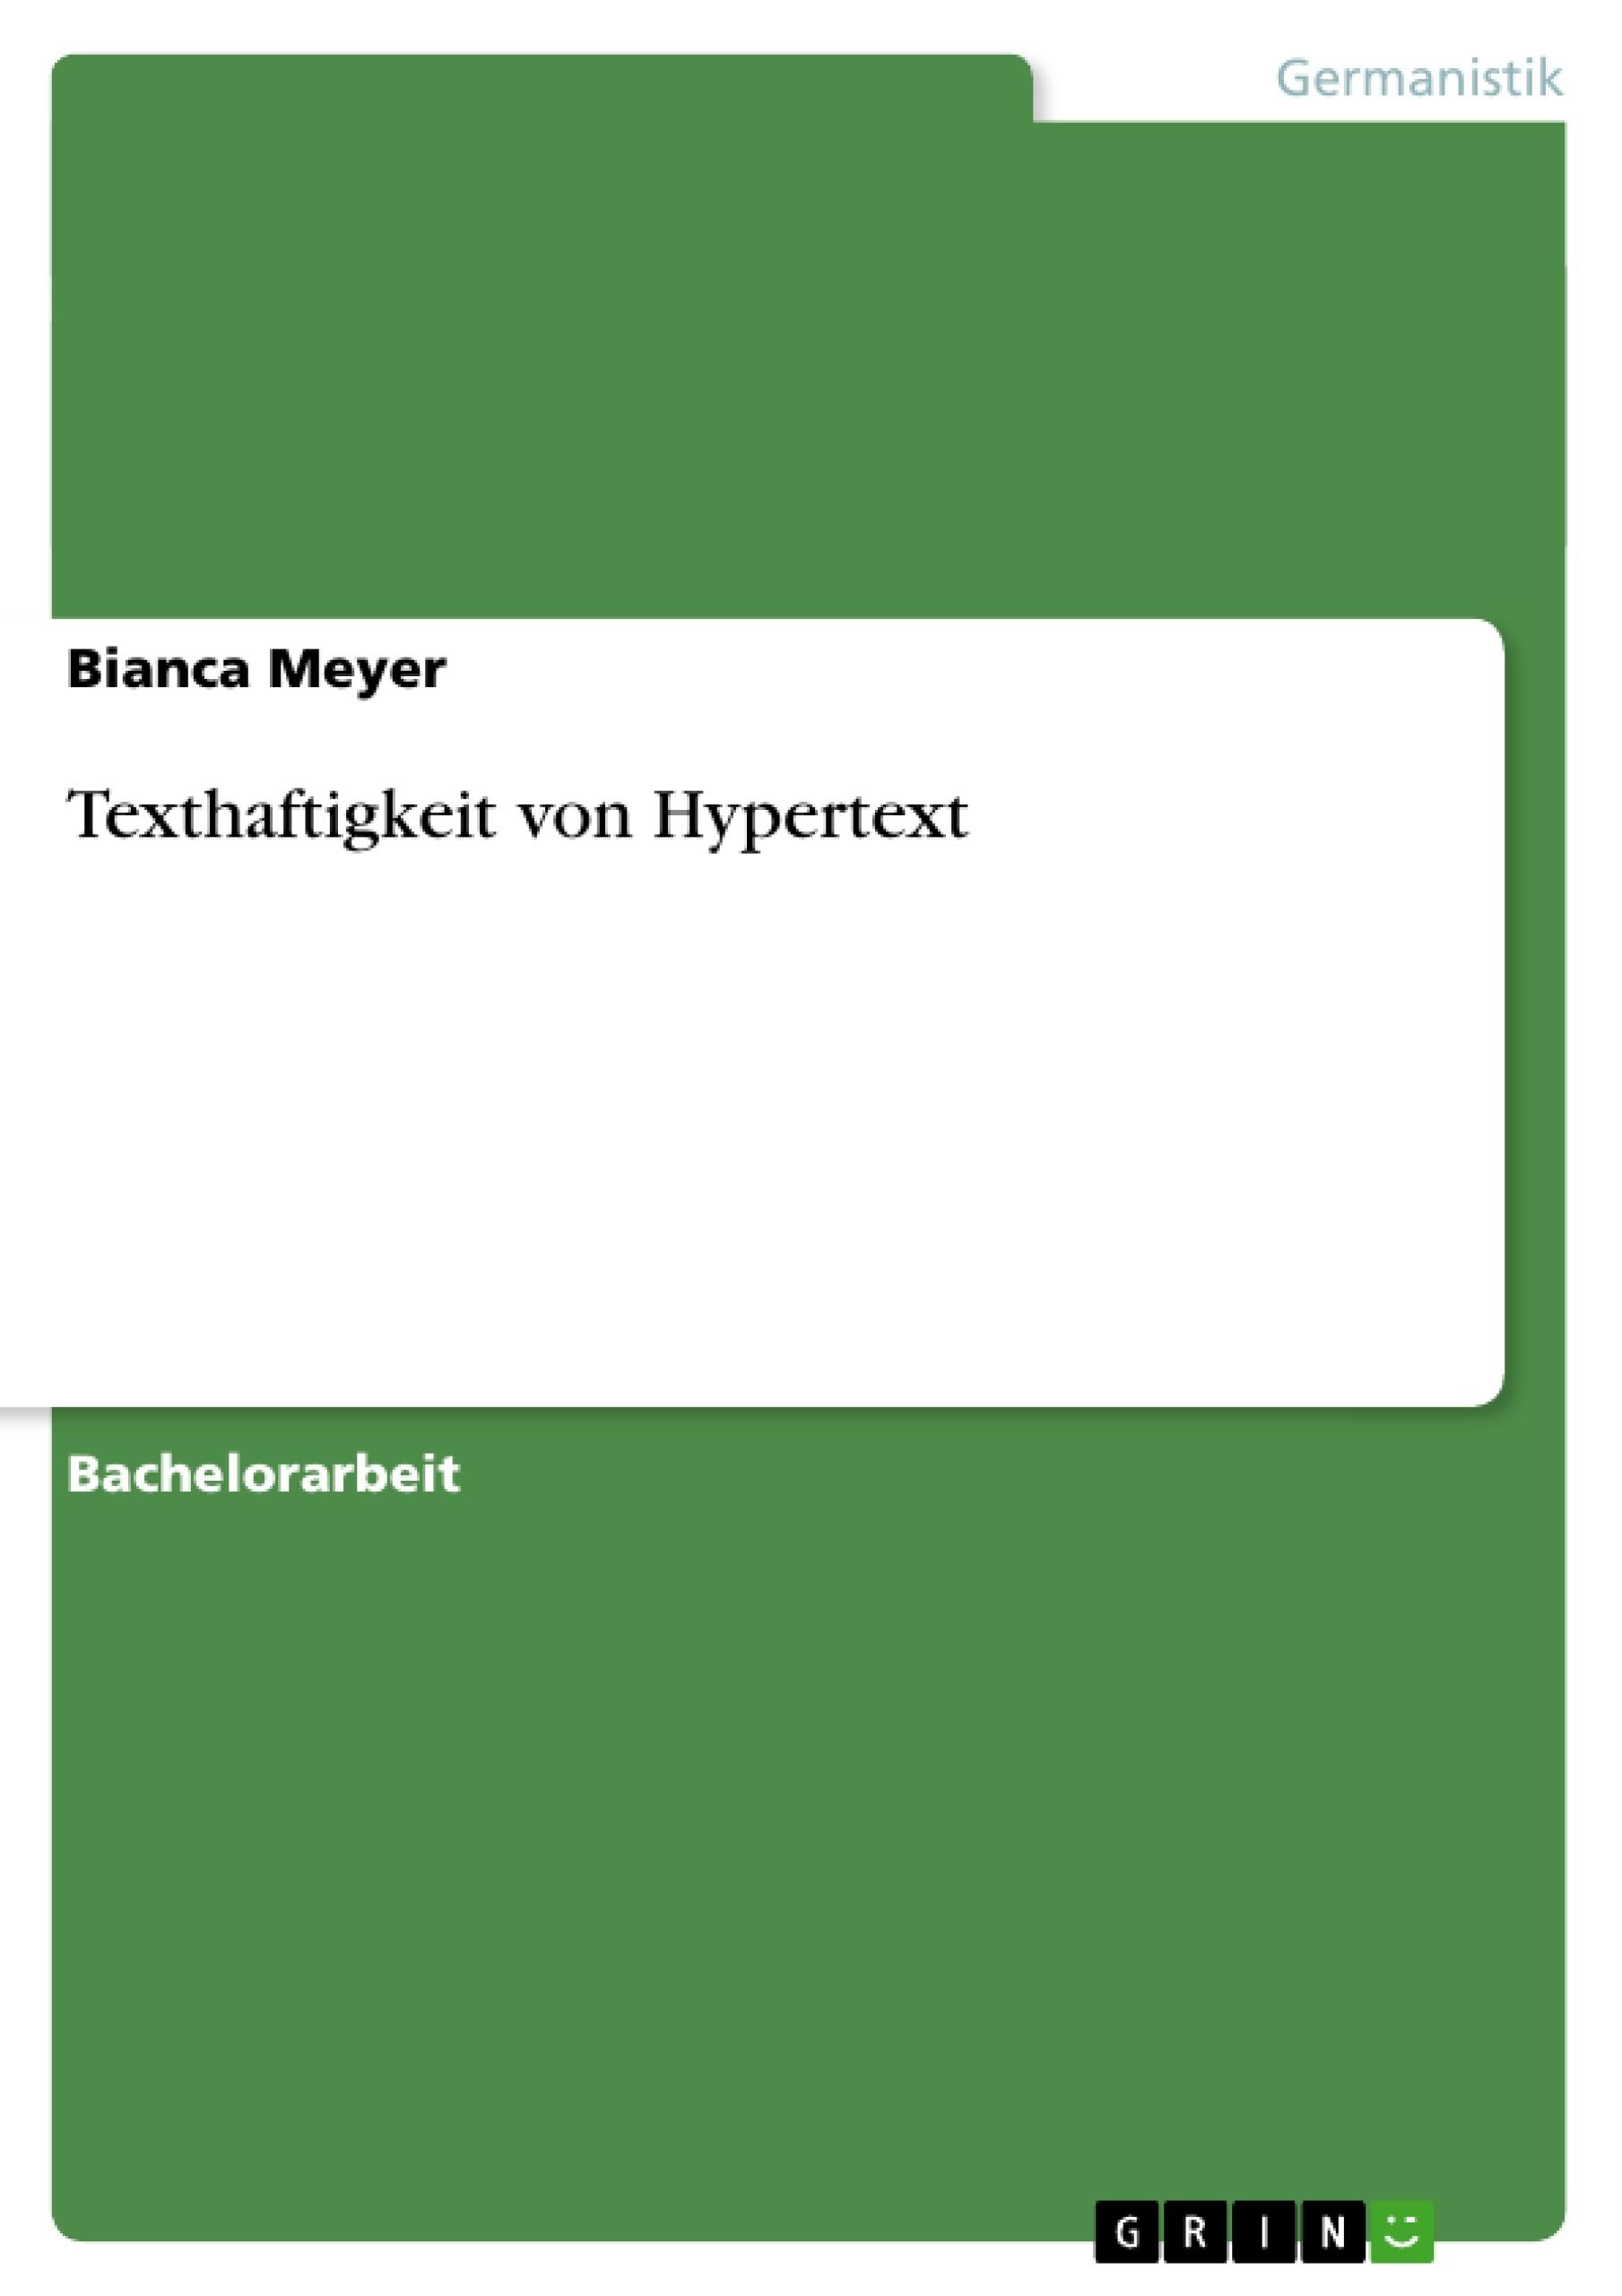 Titel: Texthaftigkeit von Hypertext